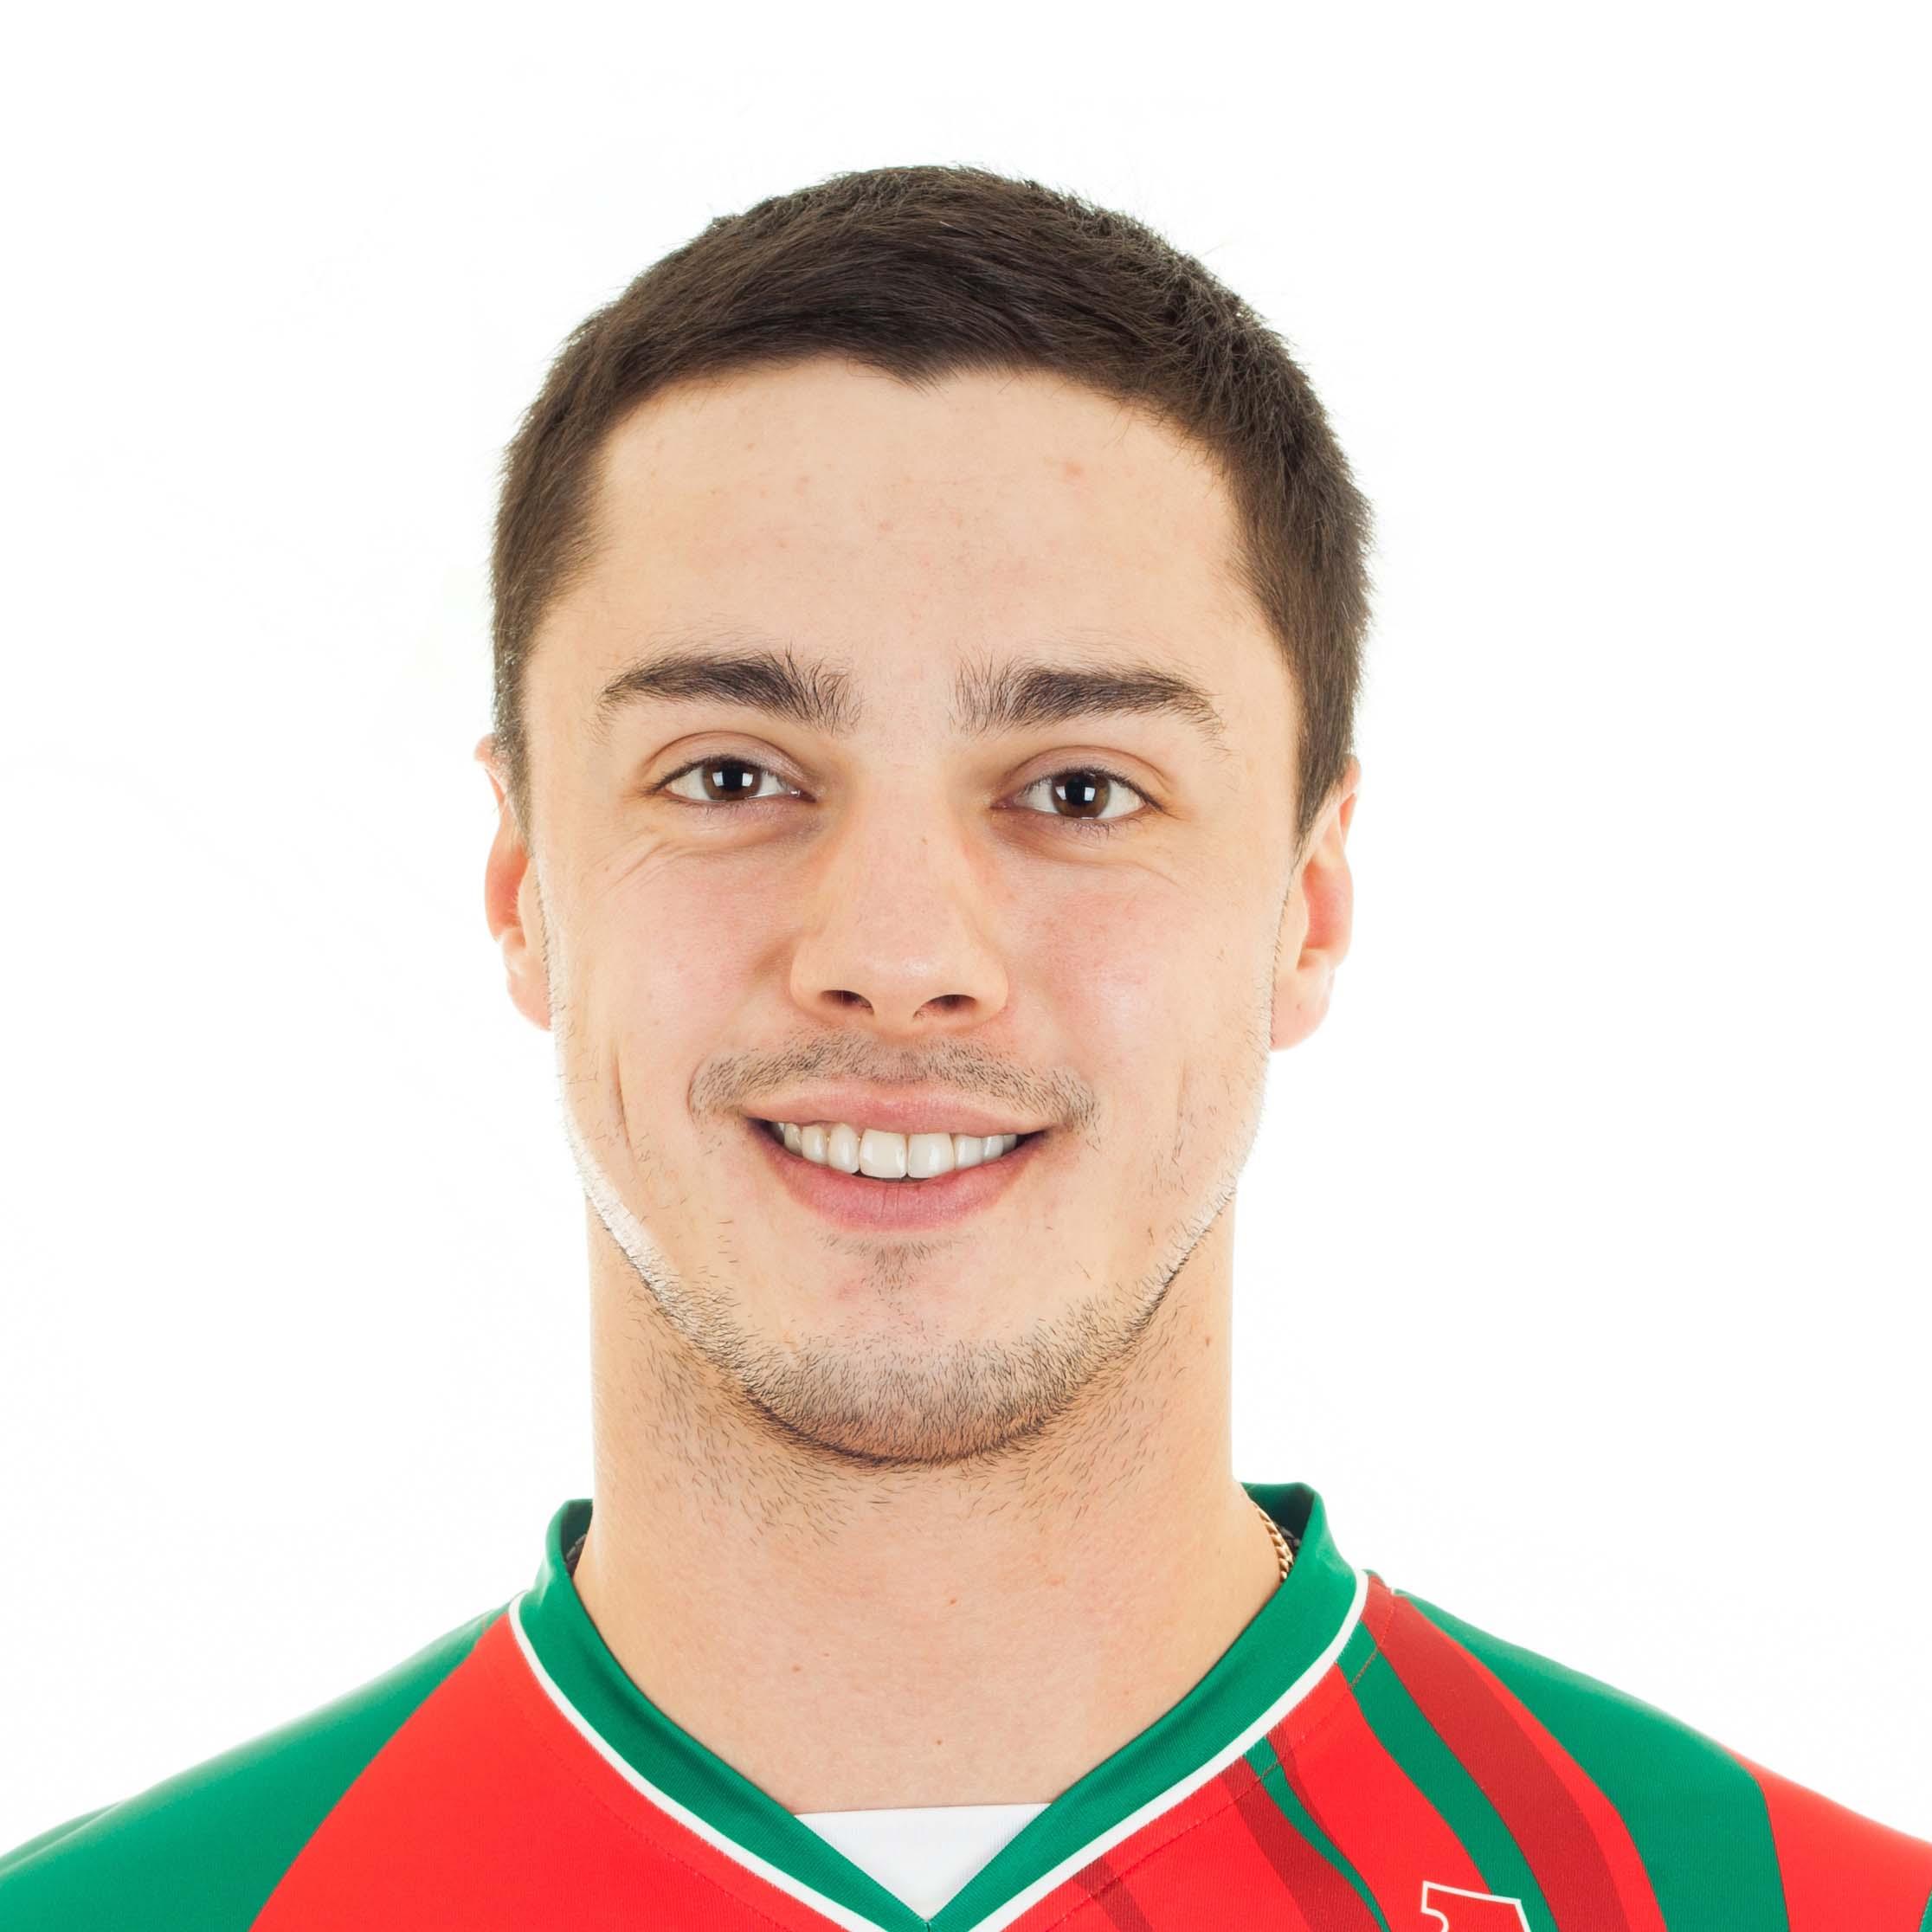 Pavel Moroz